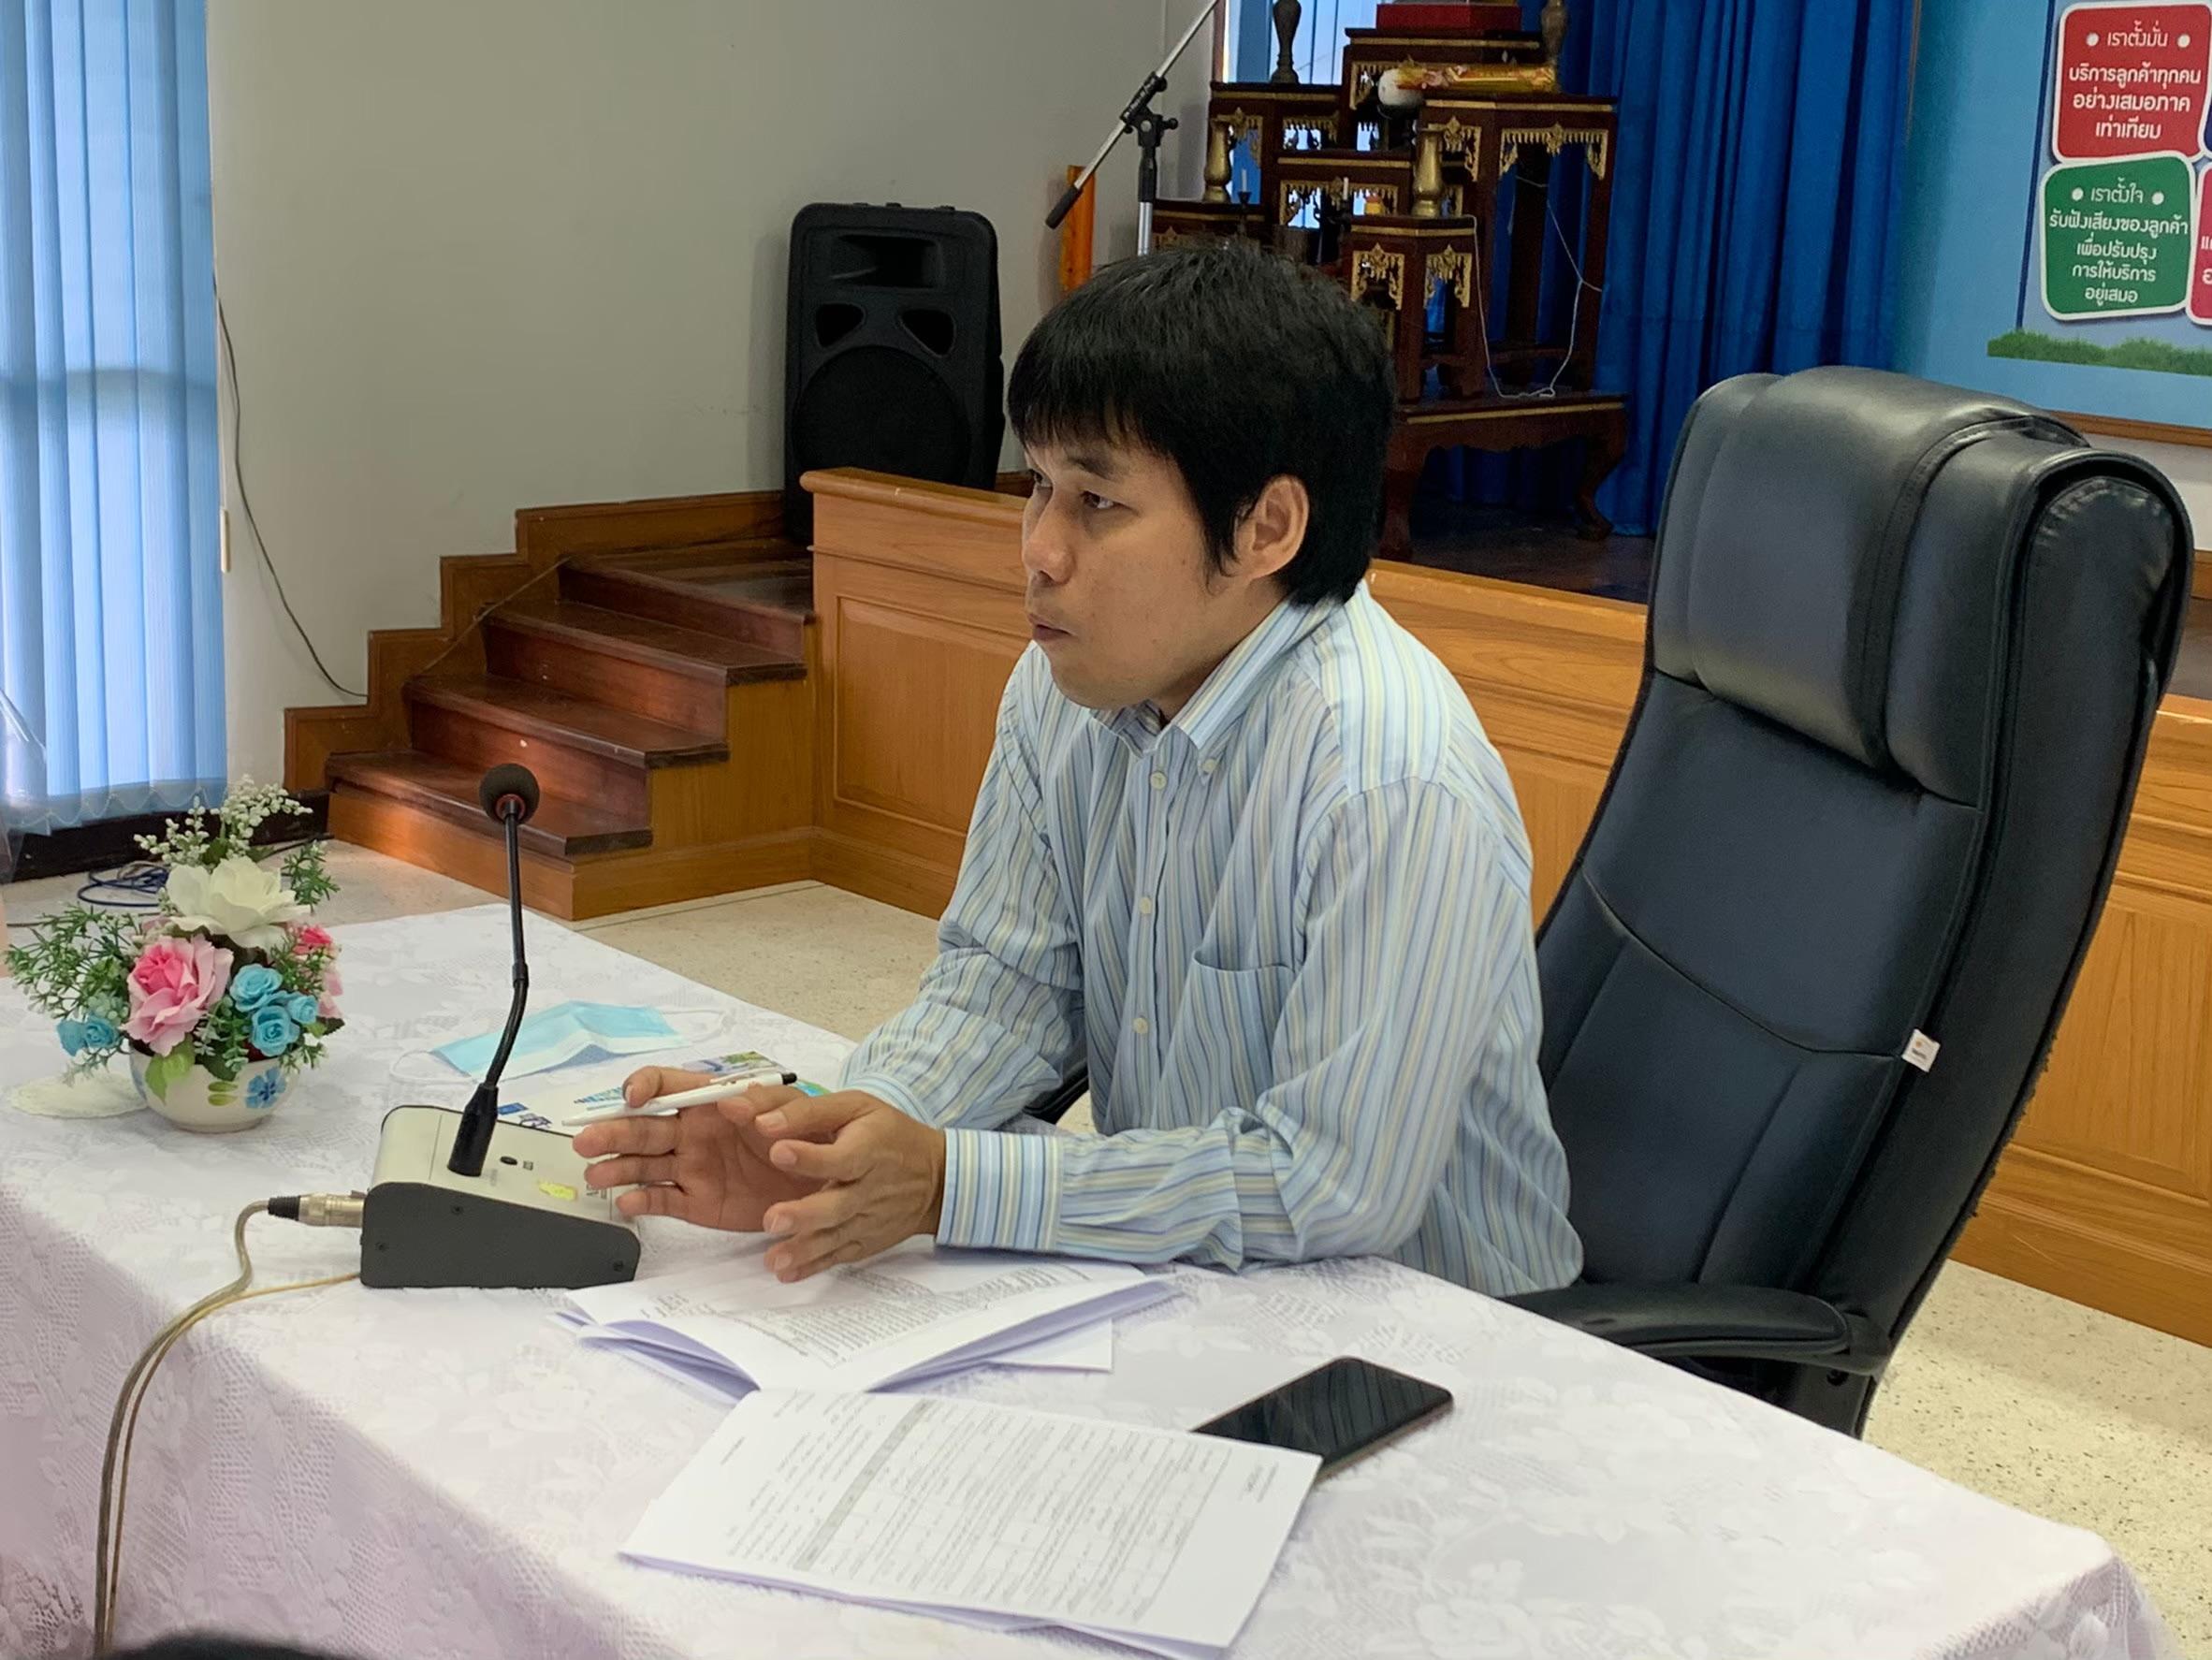 กองระบบจำหน่ายจัดกิจกรรม สนทนายามเช้า (Morning Talk)  ครั้งที่ 4 / ปีงบประมาณ 2564